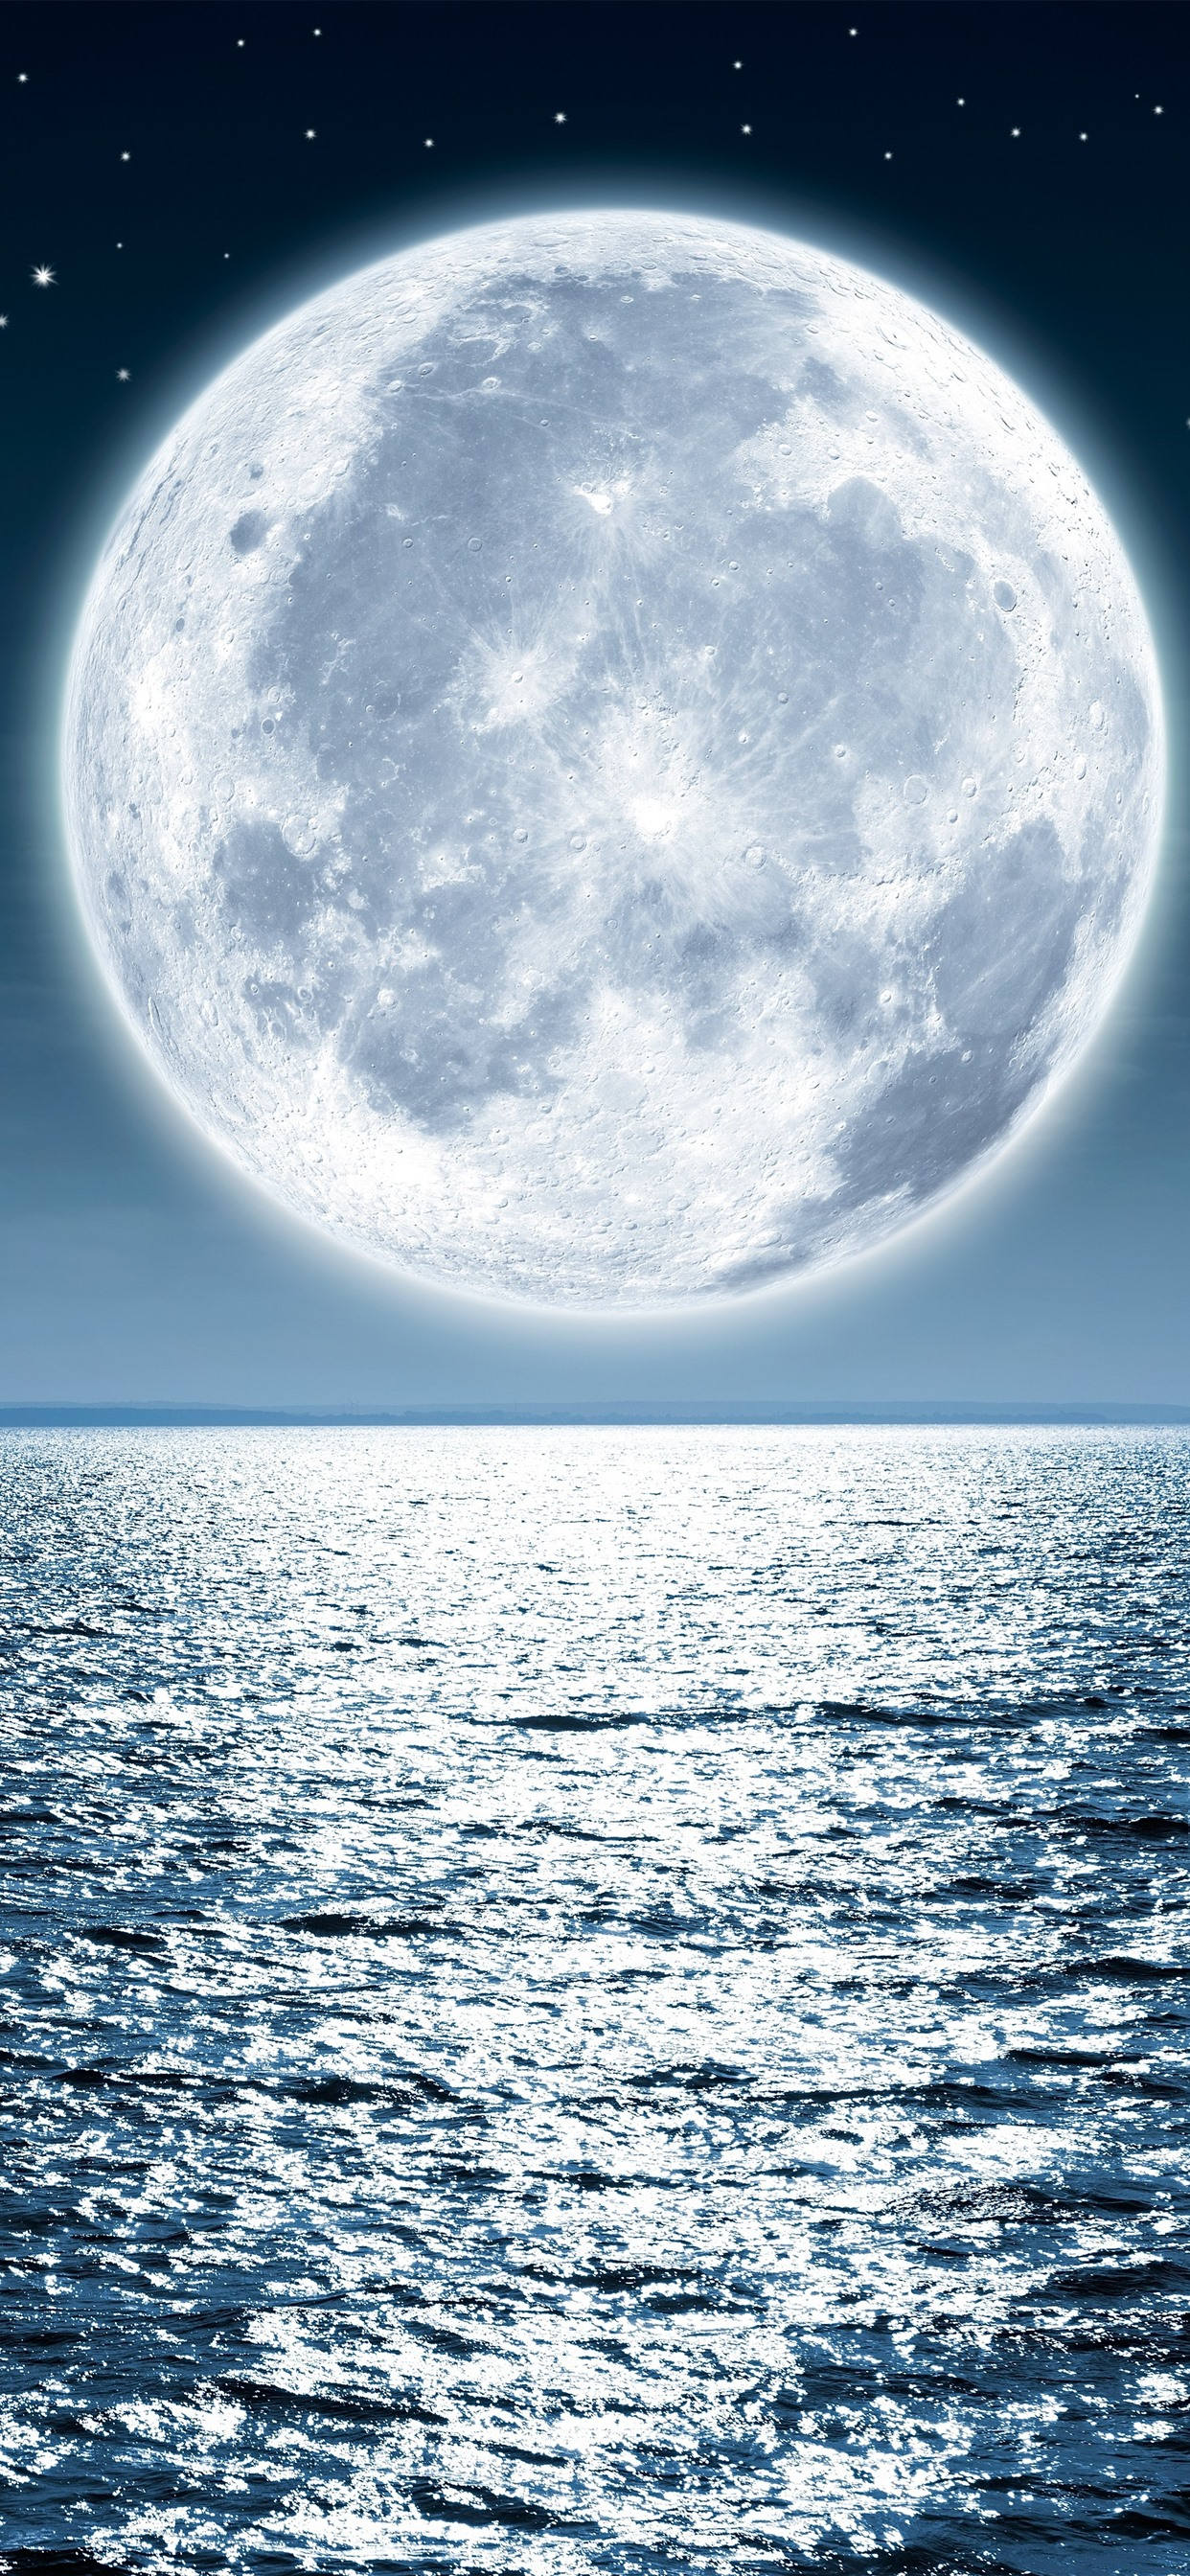 月 海 明るい 1242x2688 Iphone 11 Pro Xs Max 壁紙 背景 画像